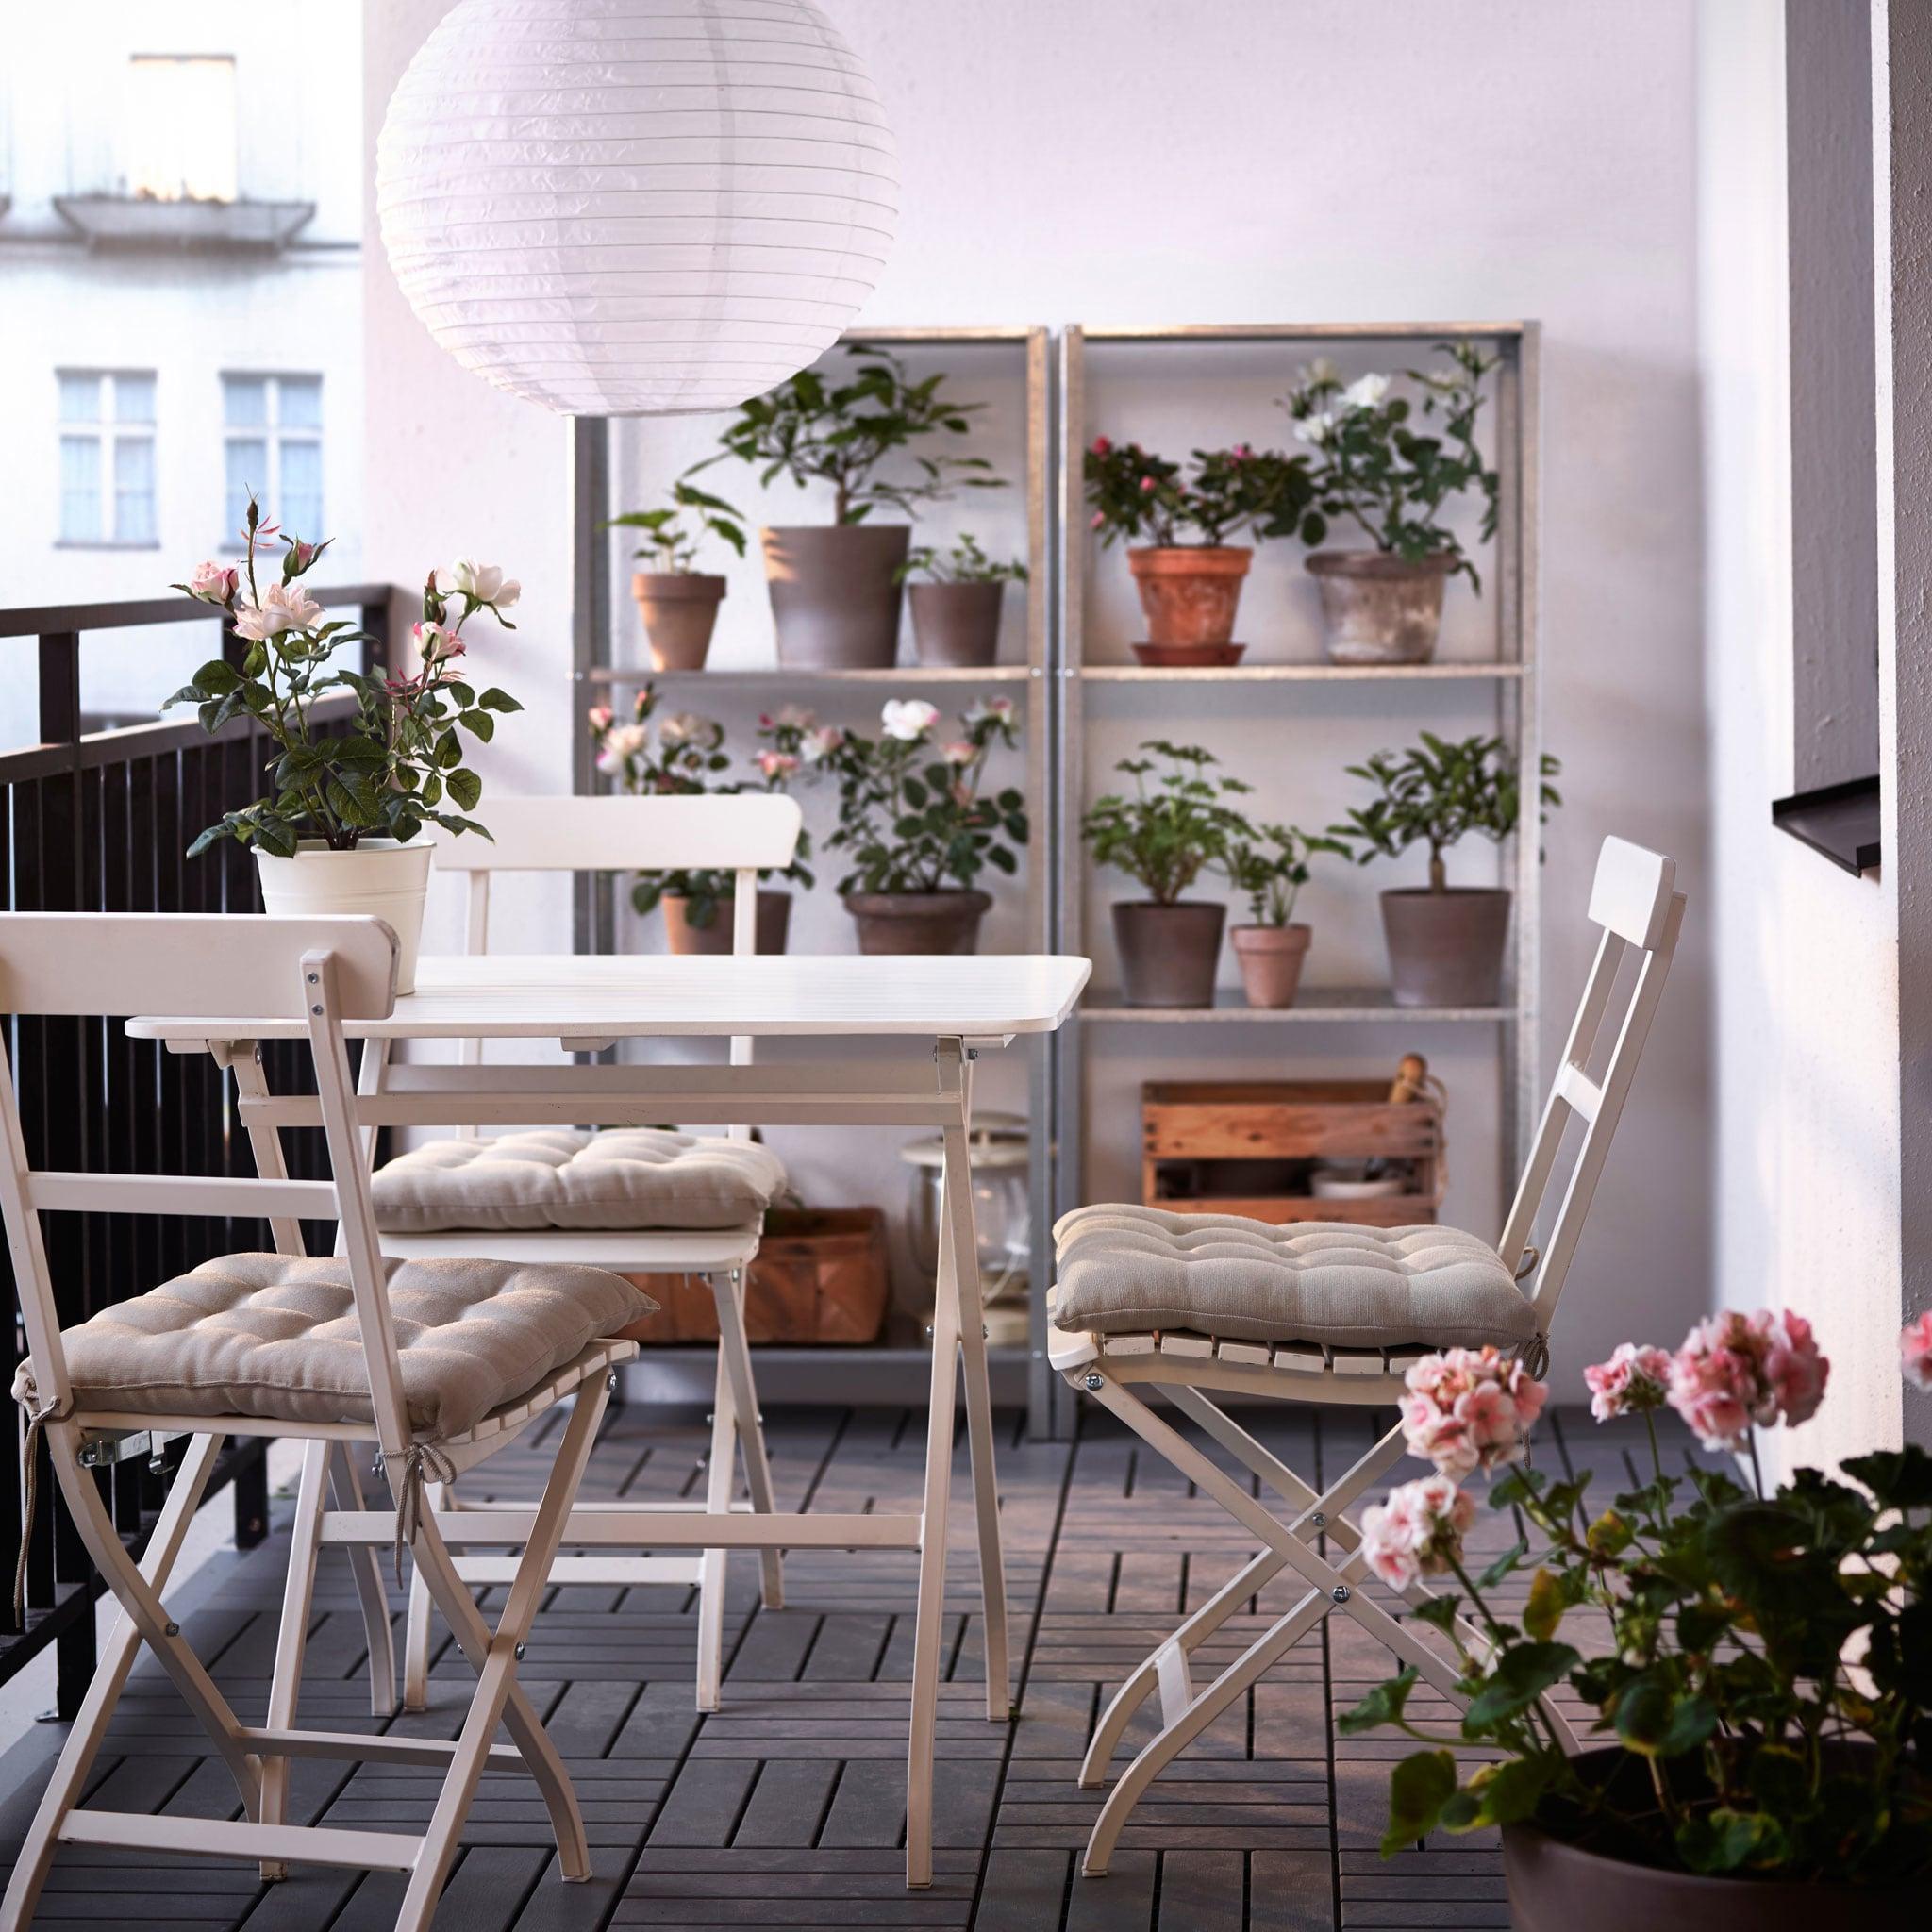 Mesa Balcon Ikea 87dx Muebles De Jardà N Y Terraza Muebles De Exterior Pra Online Ikea